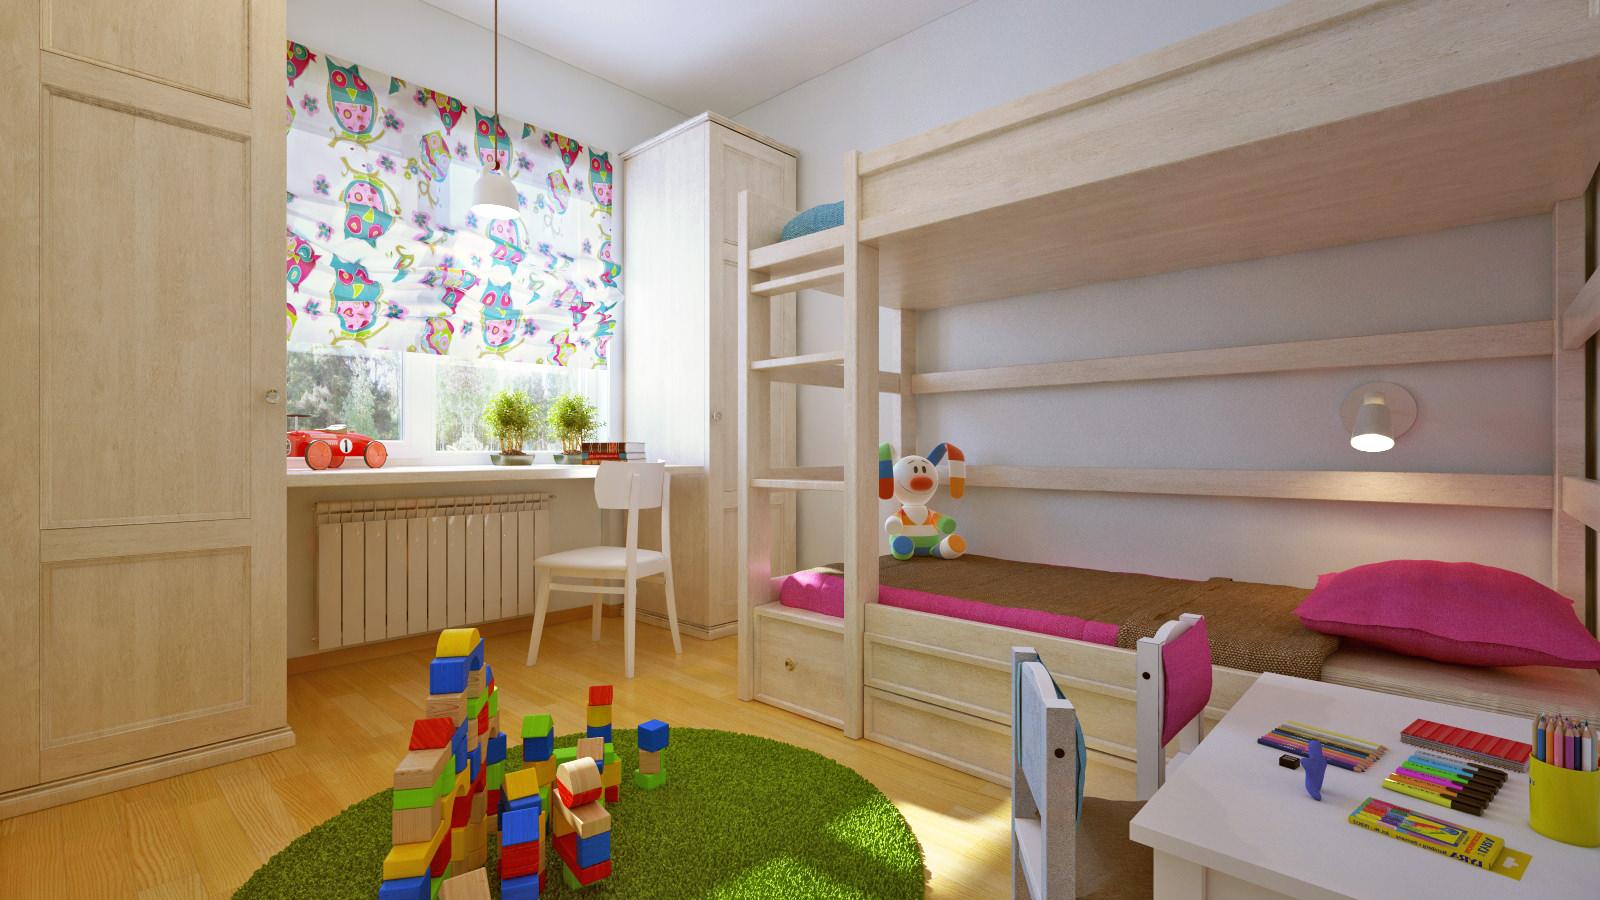 Как обустроить детскую комнату для двух детей 15